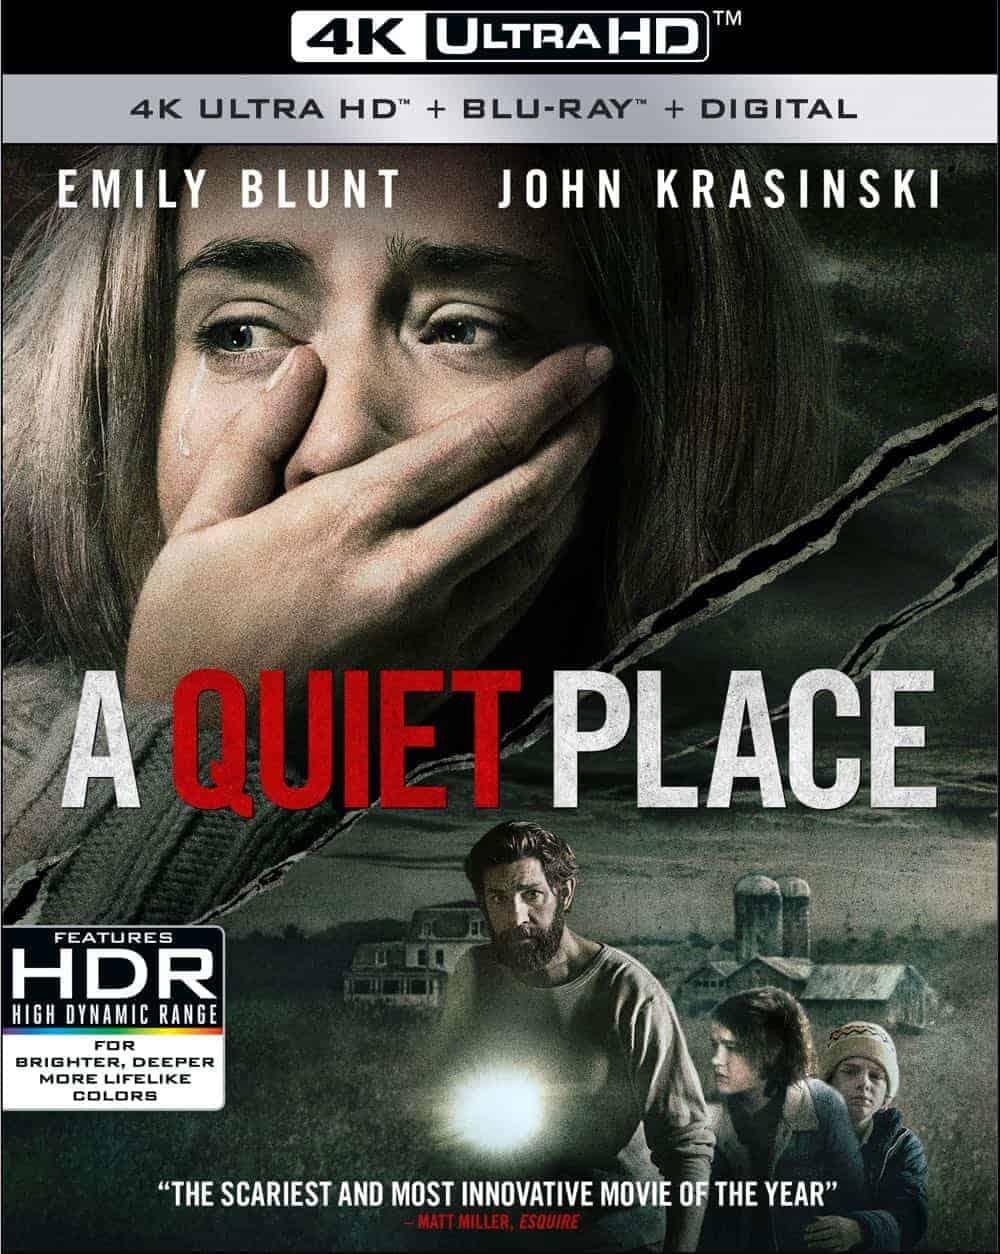 A Quiet Place 4K Ultra HD + Blu-ray + Digital